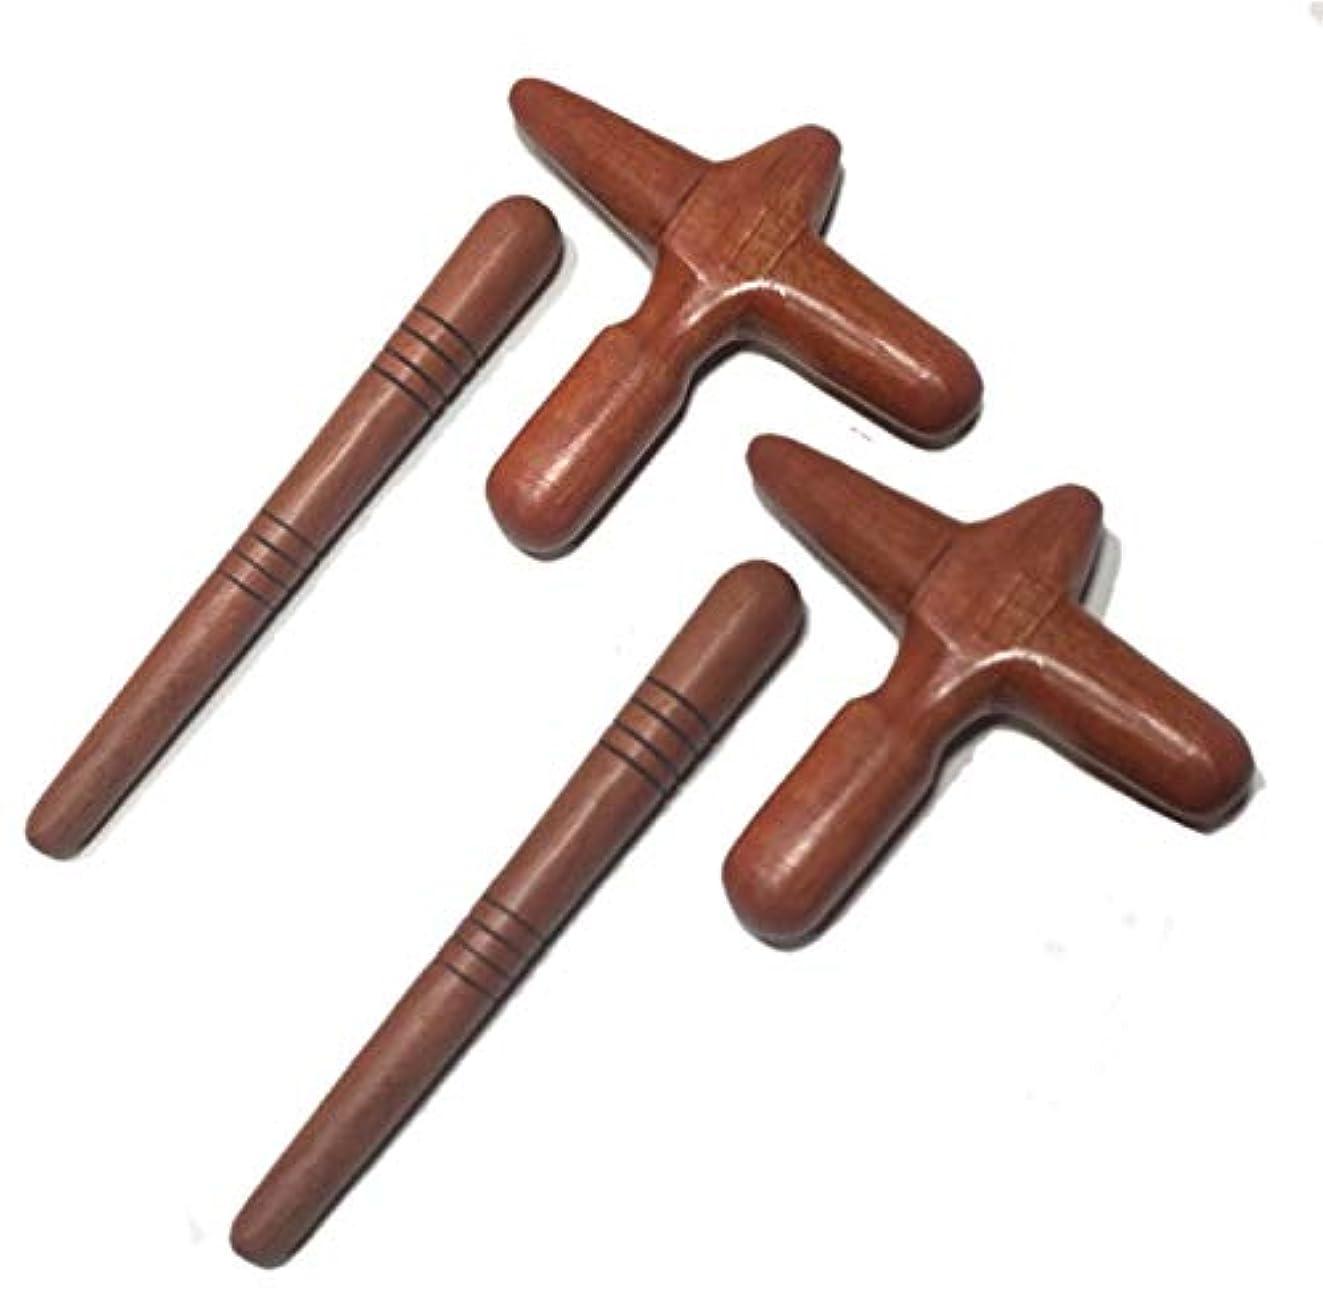 セッション通路お酢木製 ツボ押し棒 2種類×2セット マッサージ棒 フットマッサージ棒 (2)